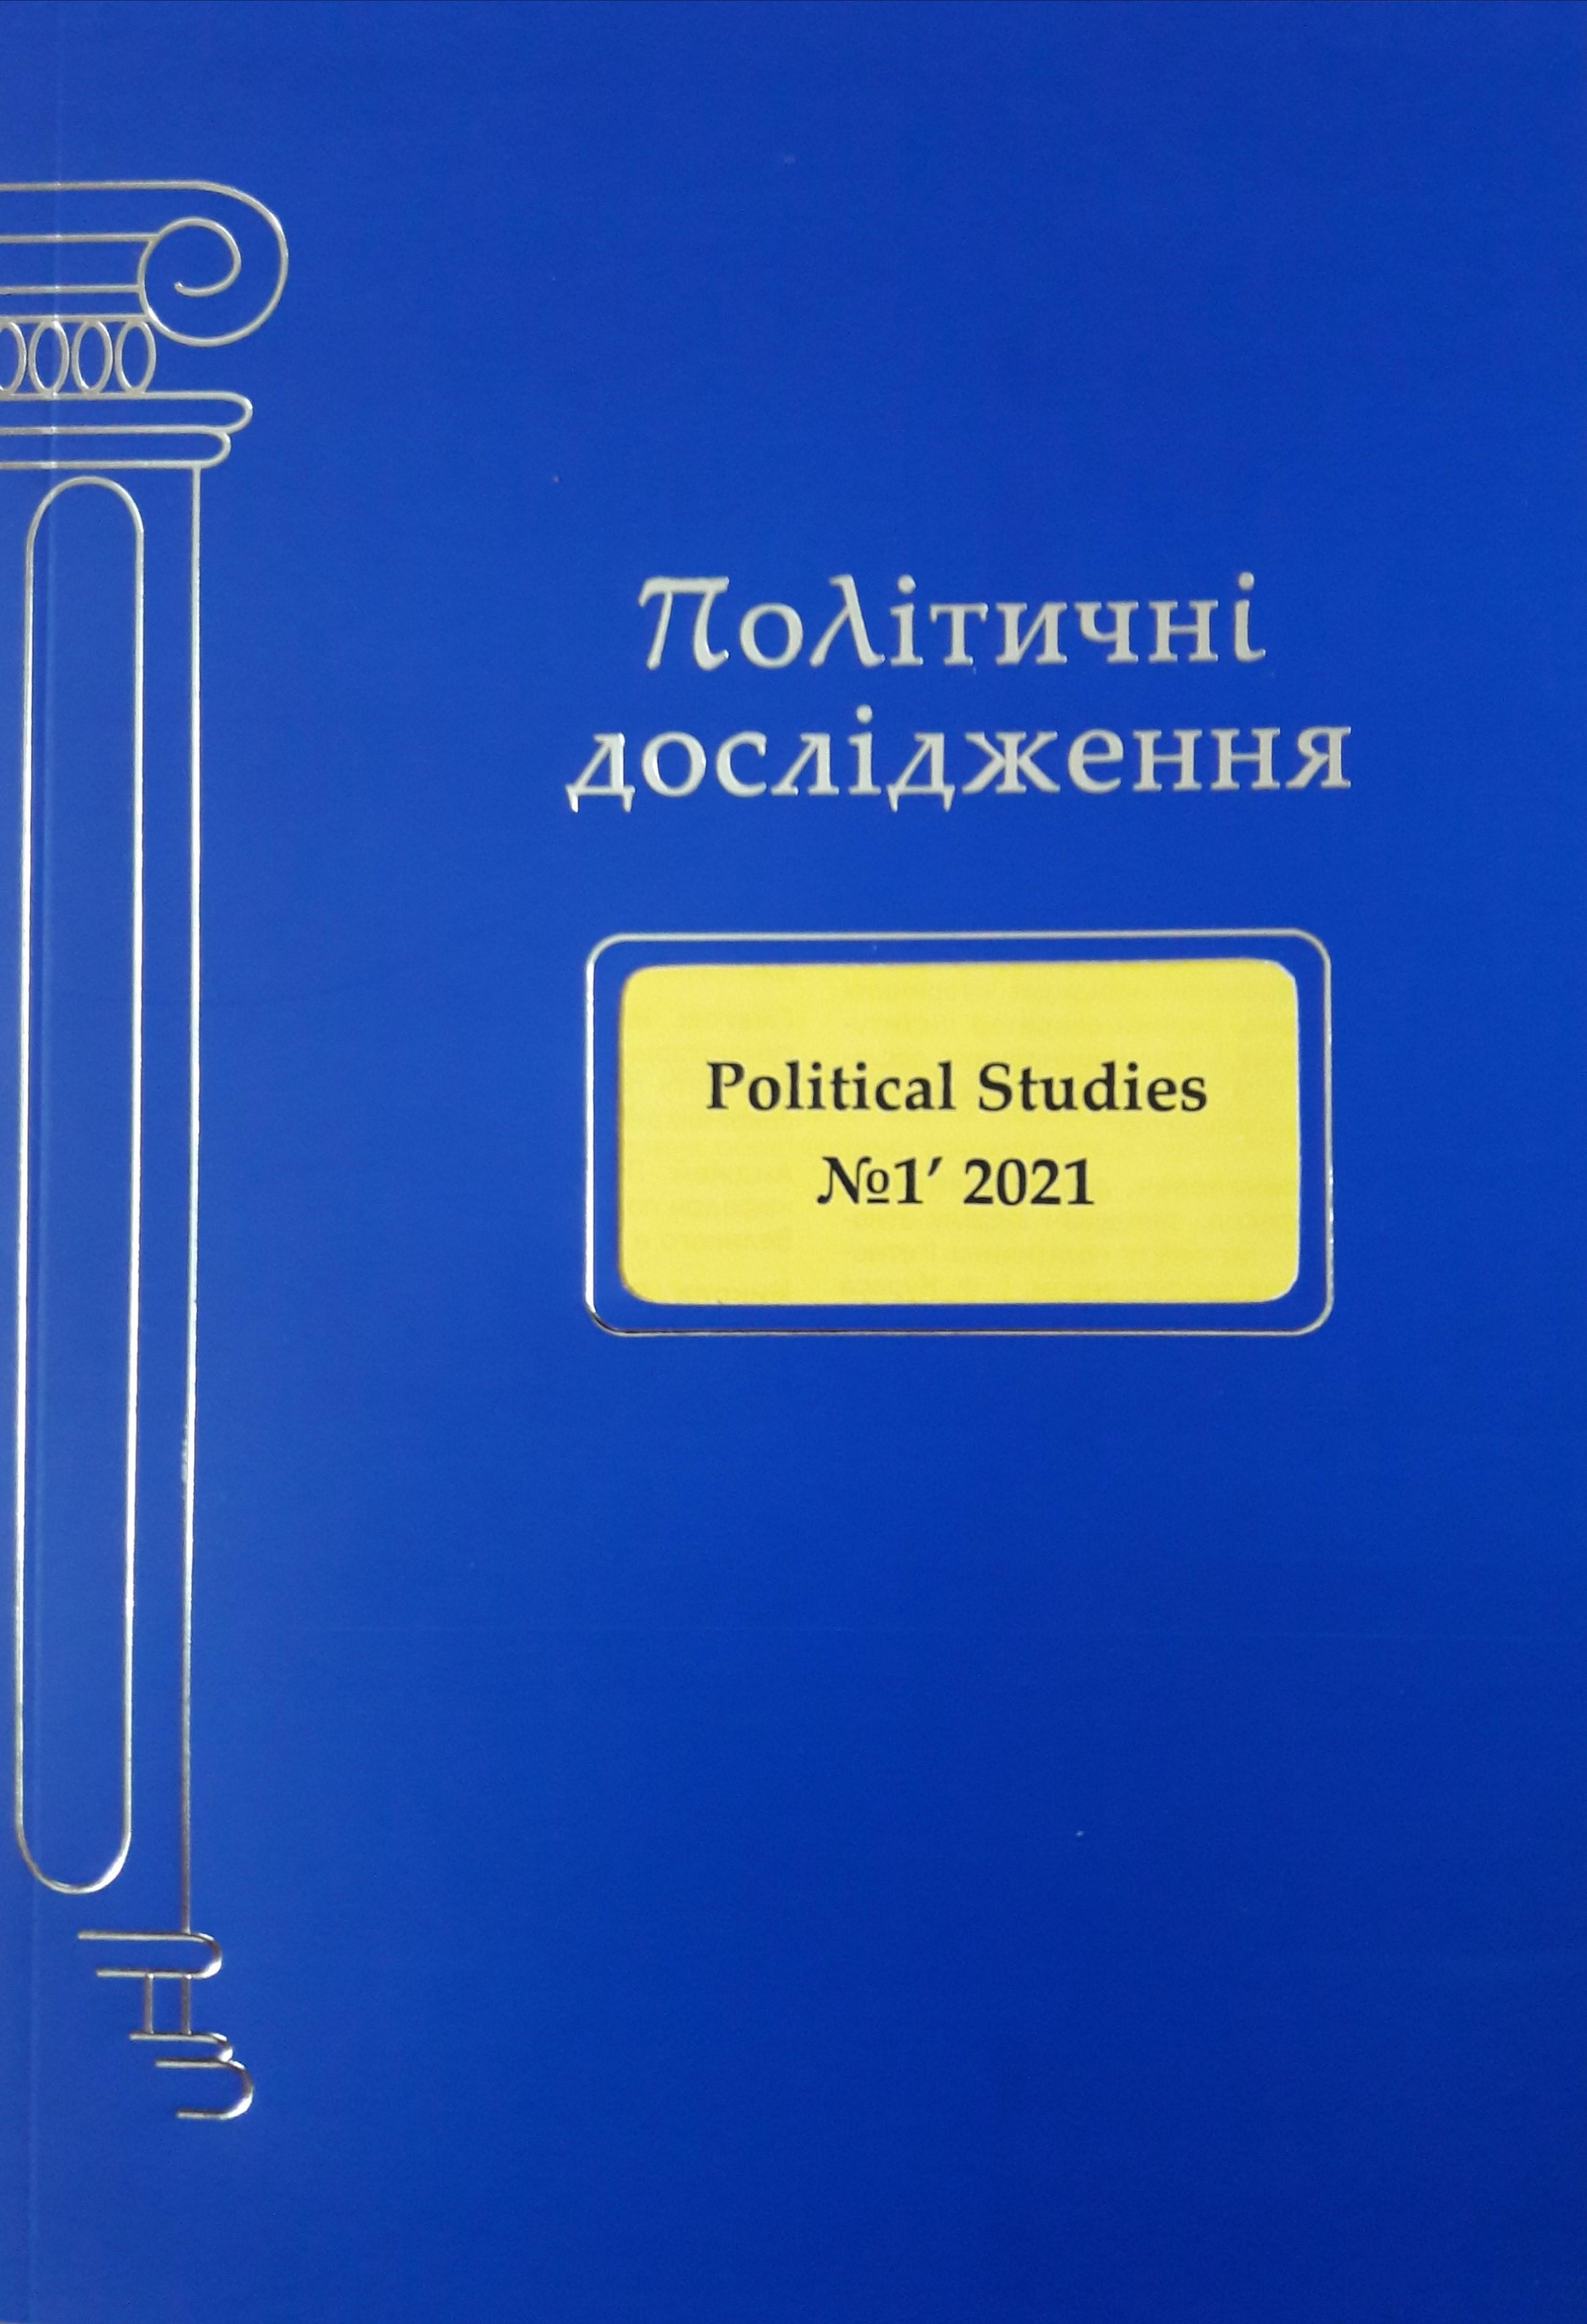 Політичні дослідження. 2021. №1. / Political studies. 2021. №1